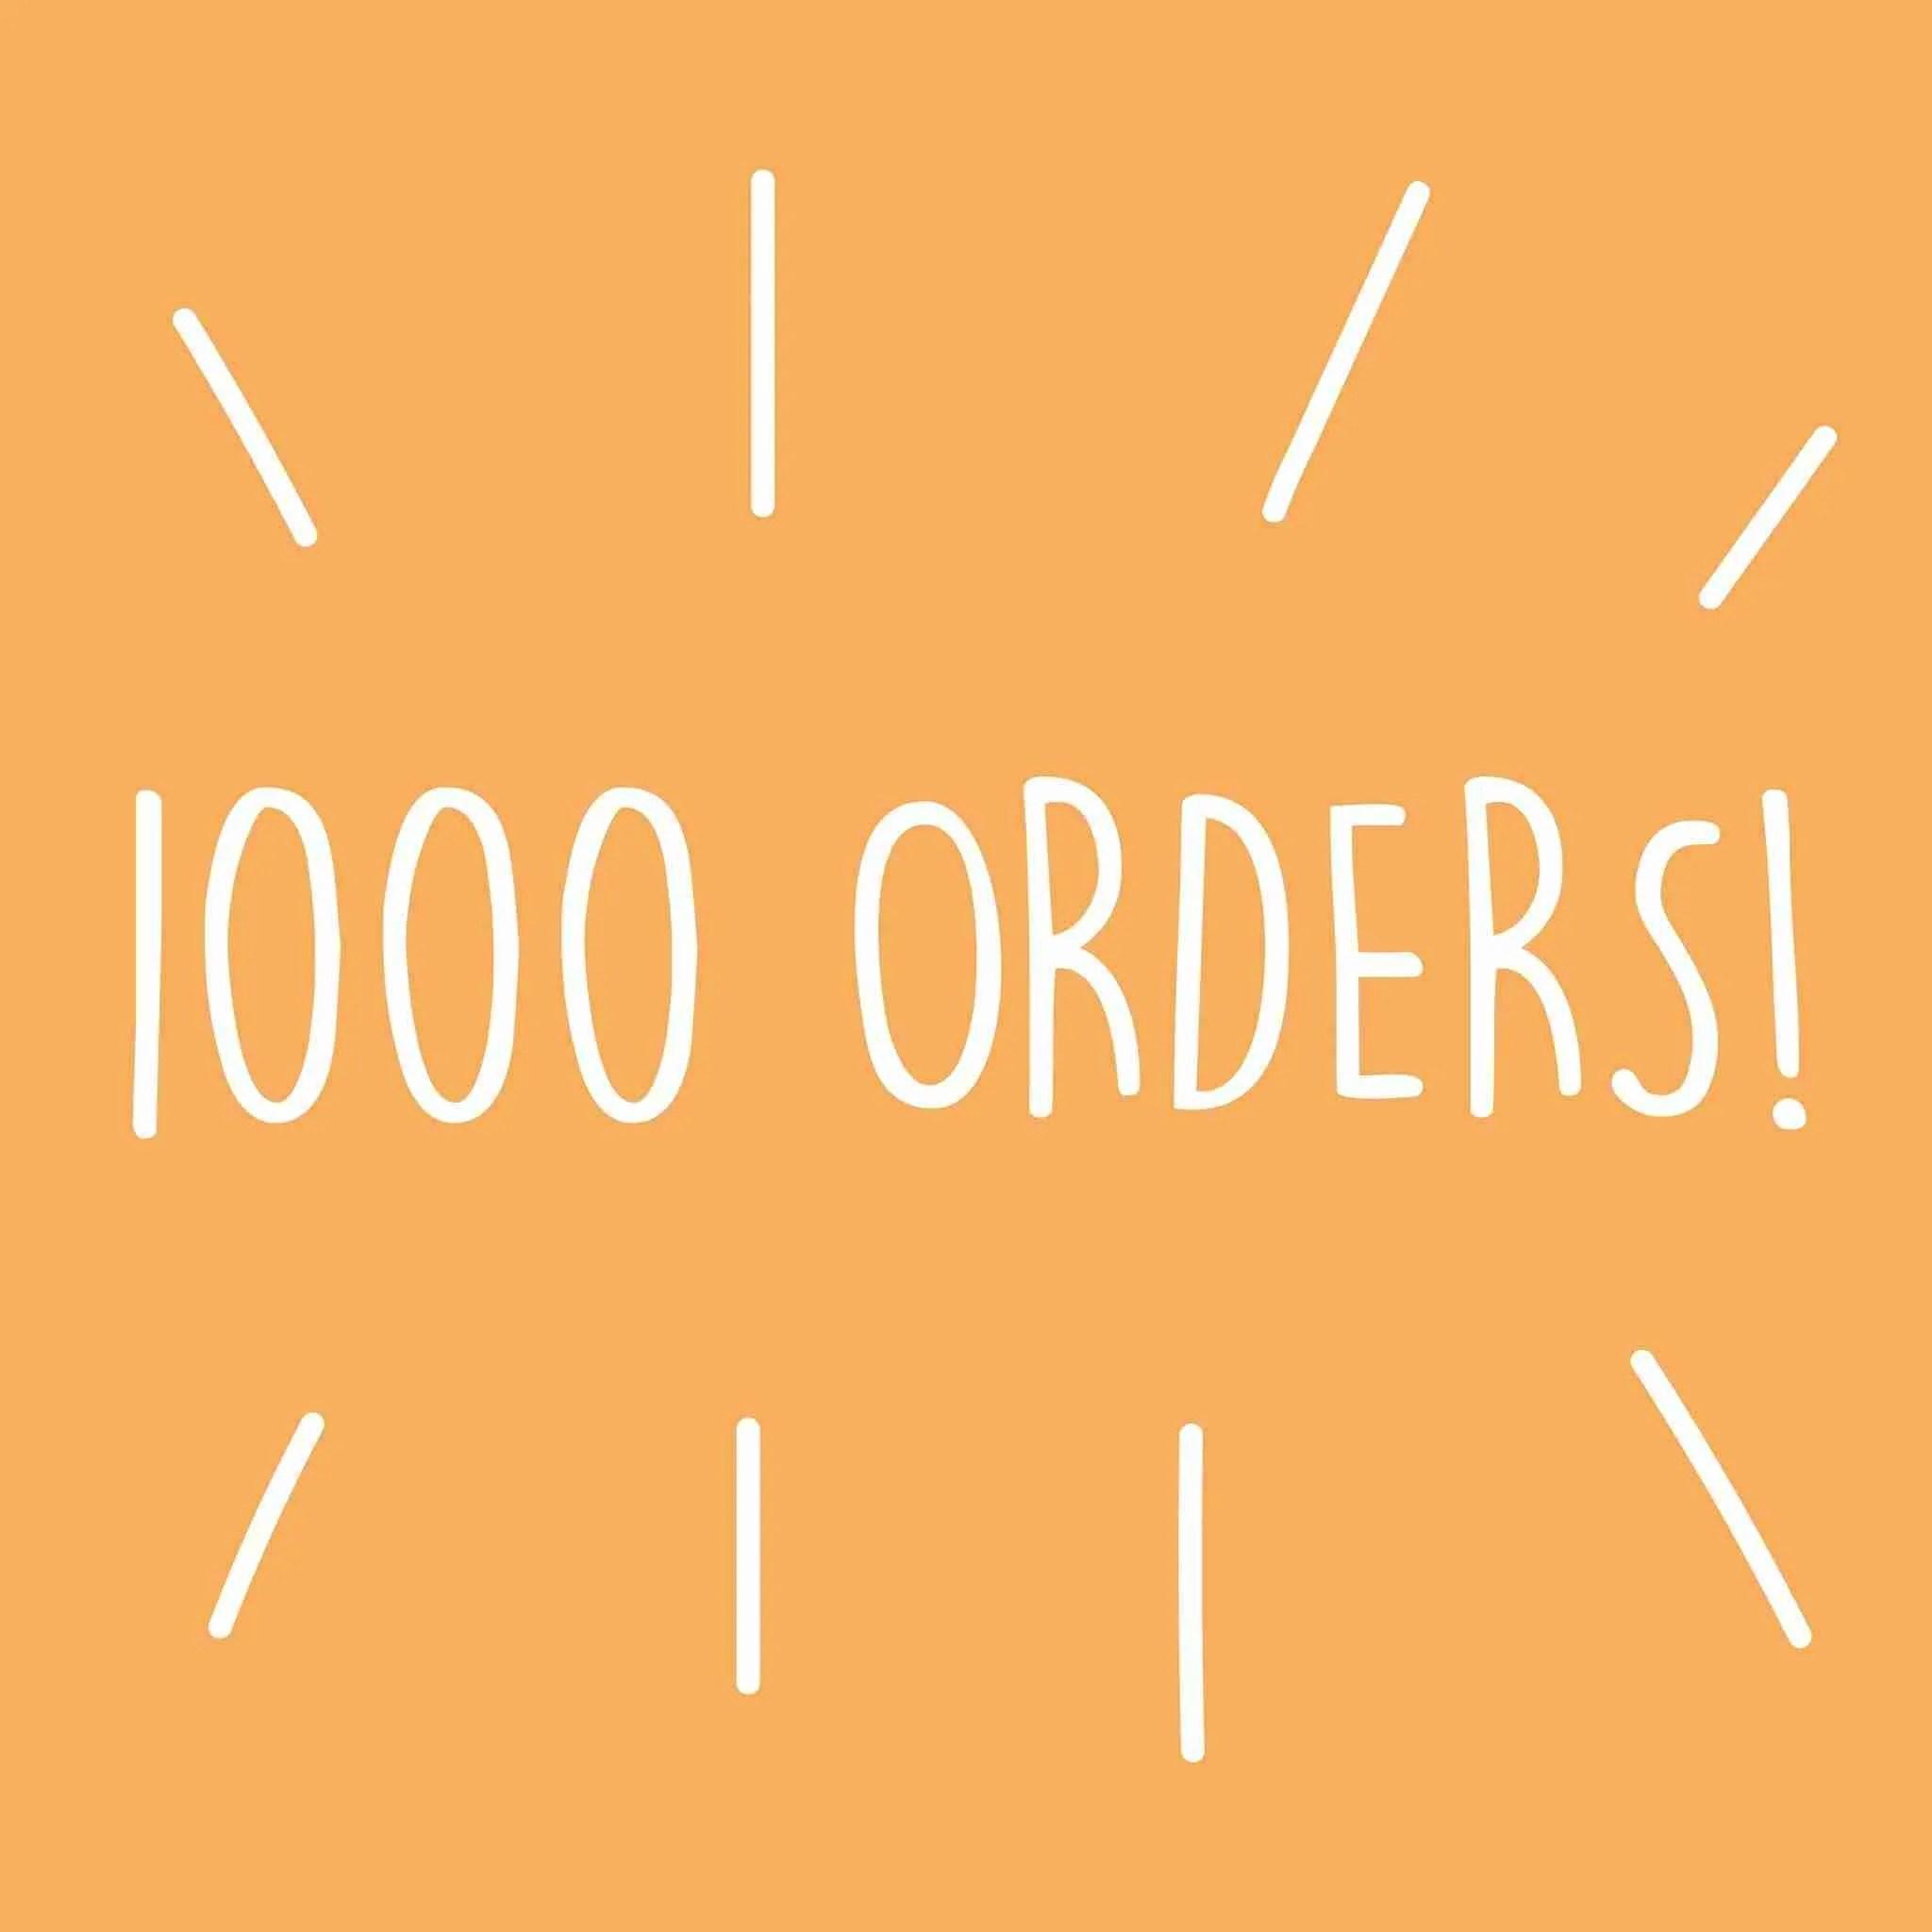 1000 Orders!